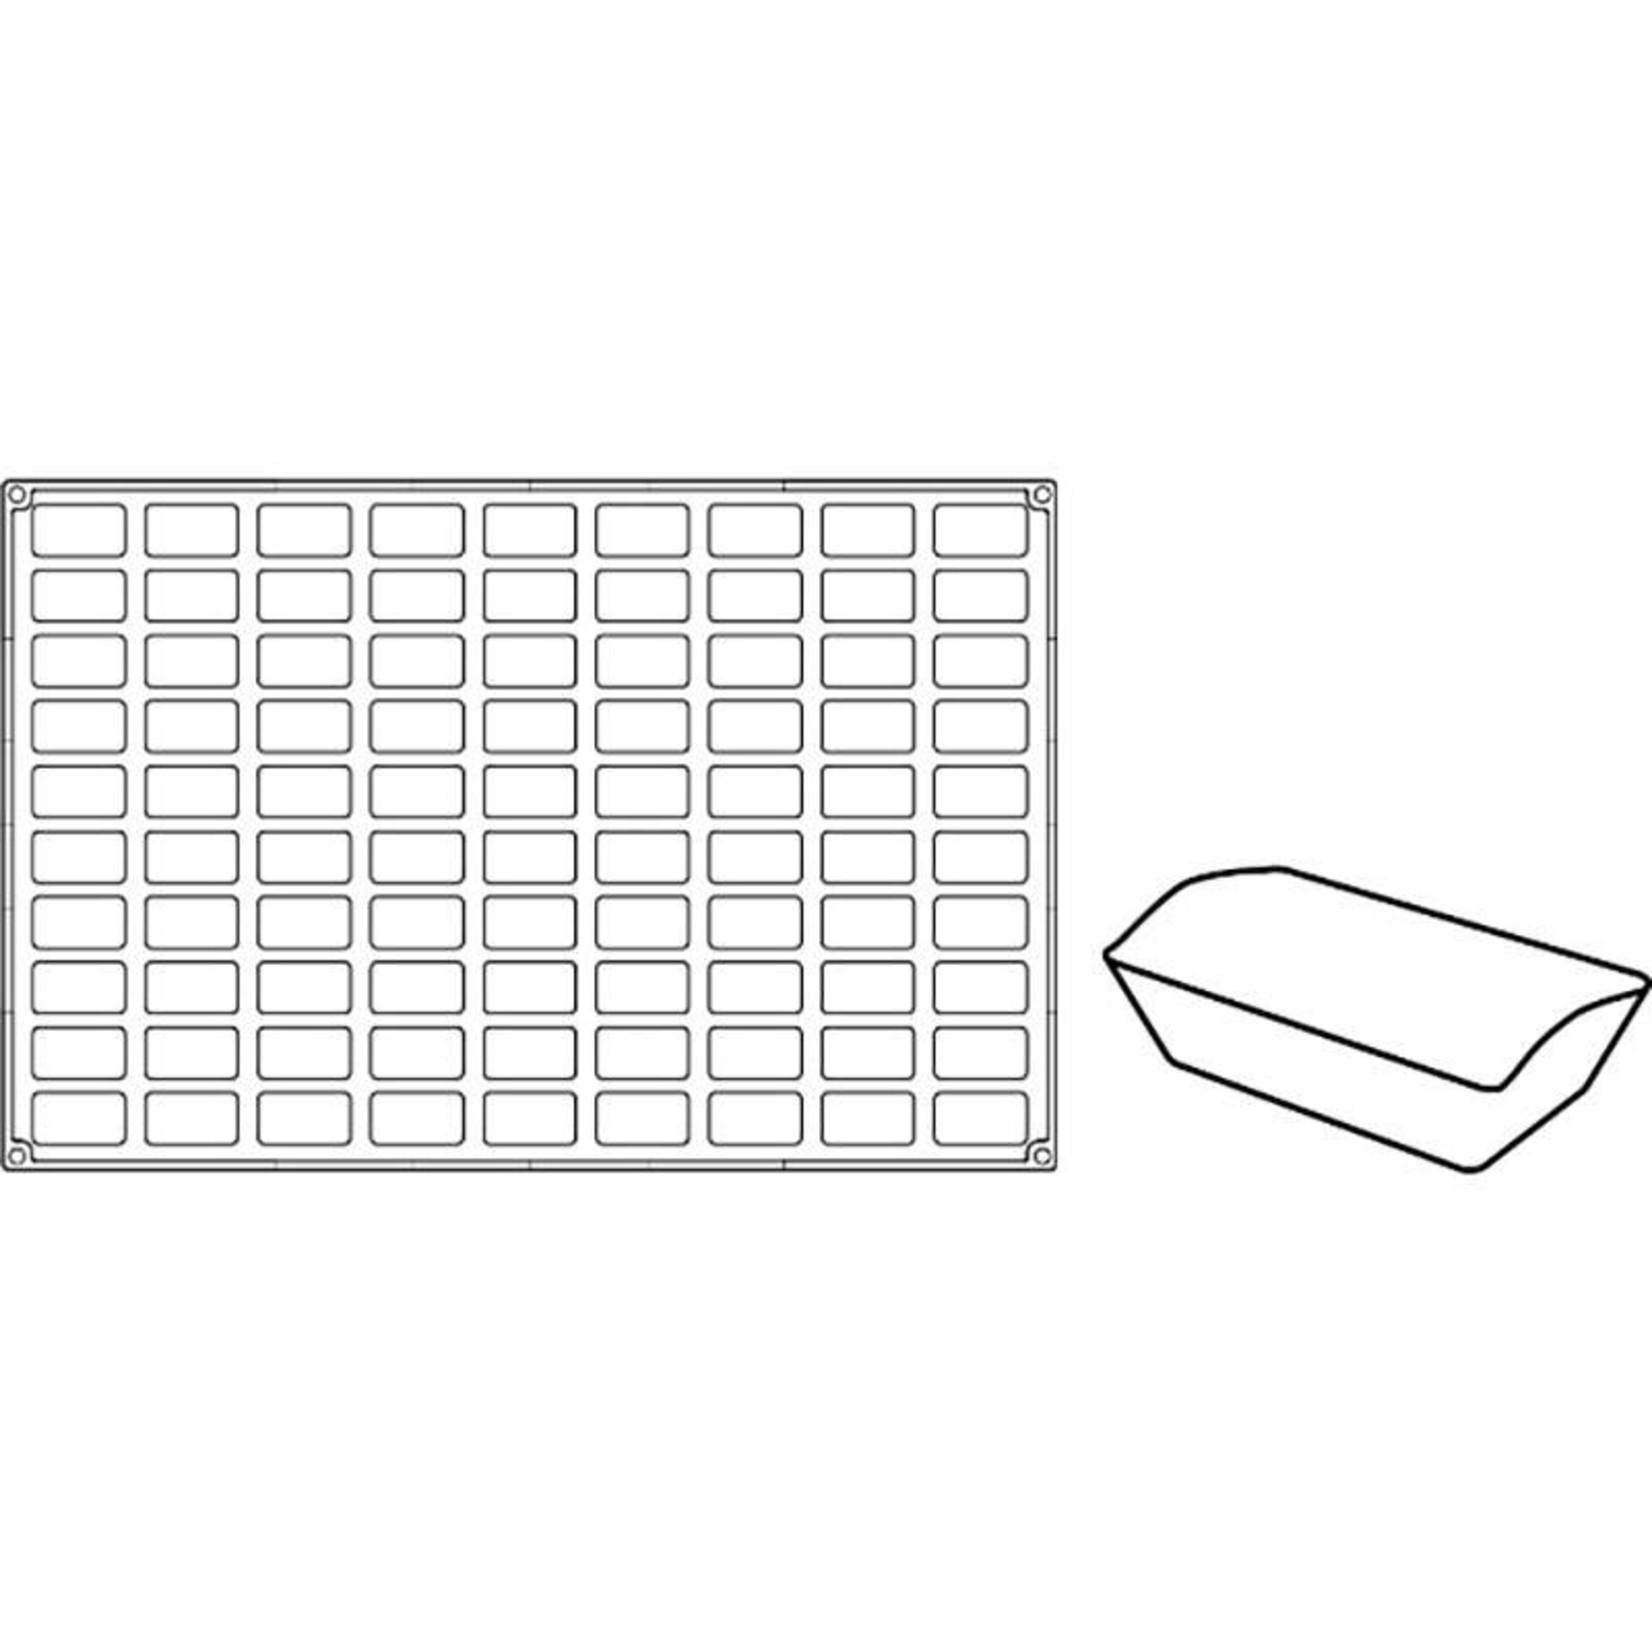 Pavoni Pavoni - Pavoflex silicone mold, Mini finanziere, Mignon (90 cavity), PX306